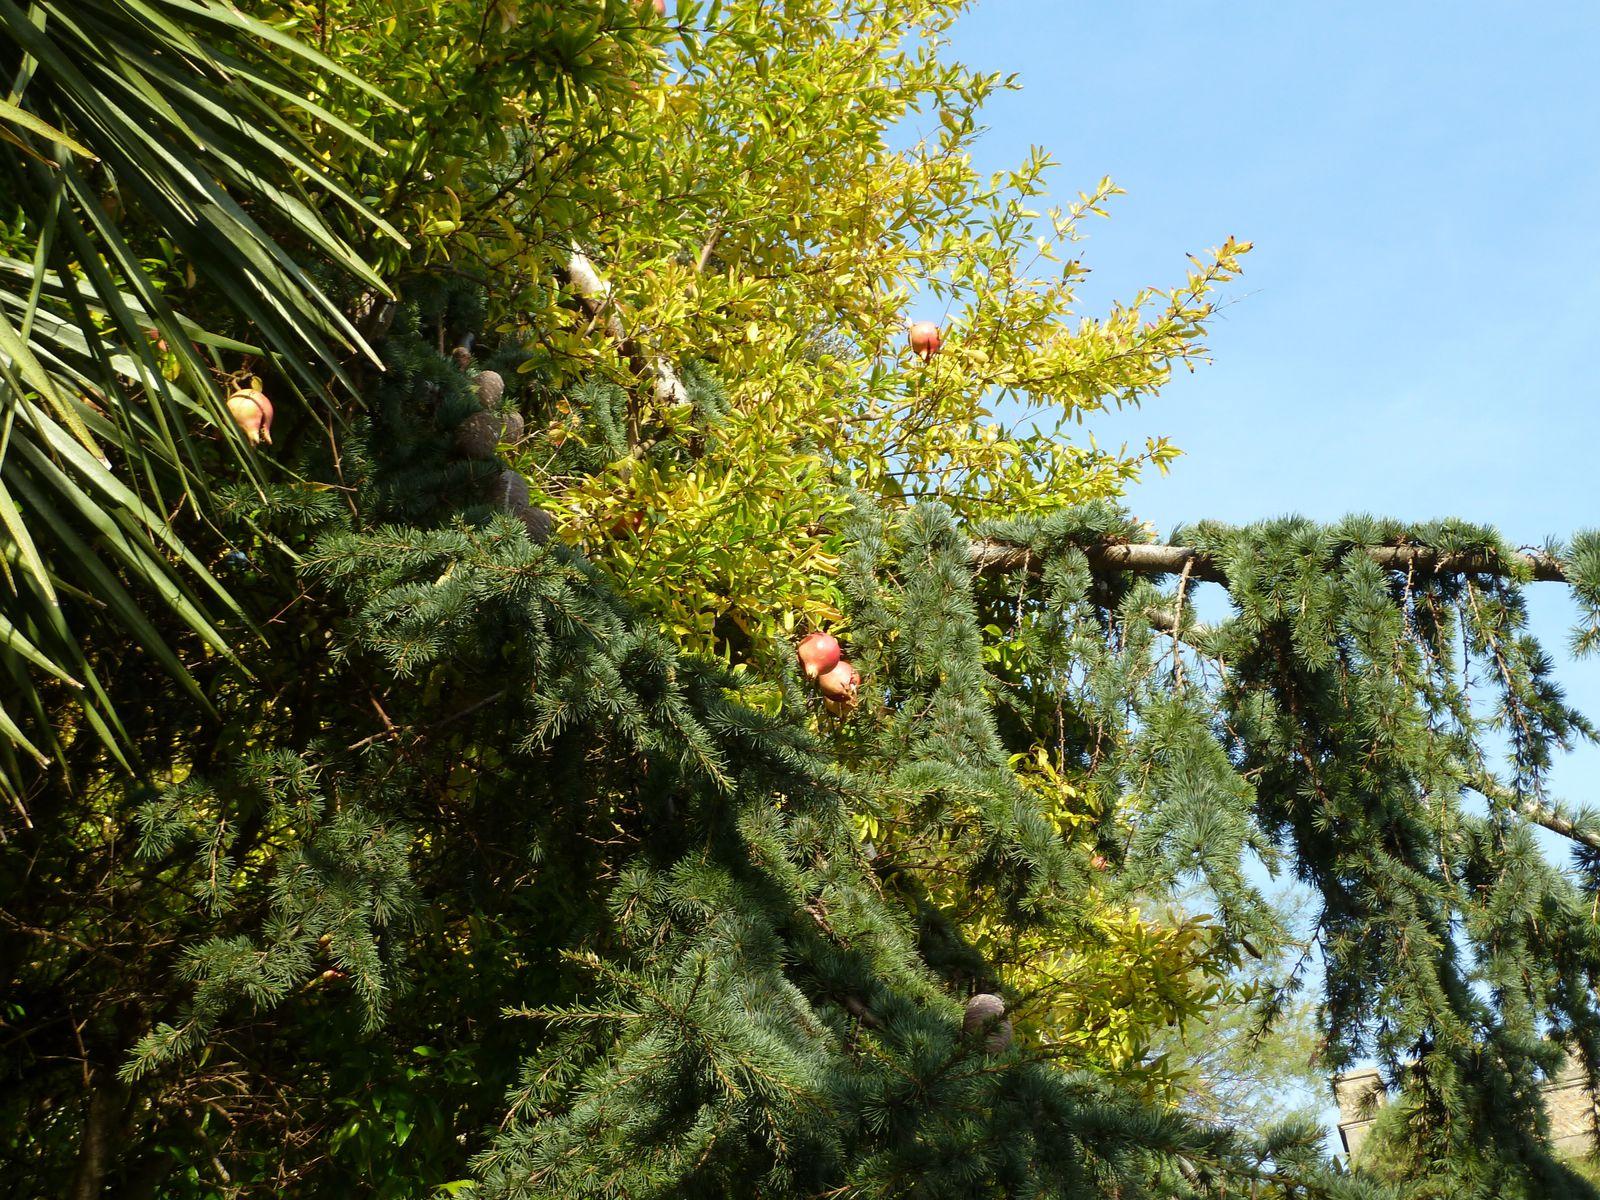 De beaux parterres fleuris et arbres fruitiers exotiques, une remarquable végétation méditerranéenne l'agrémentent.